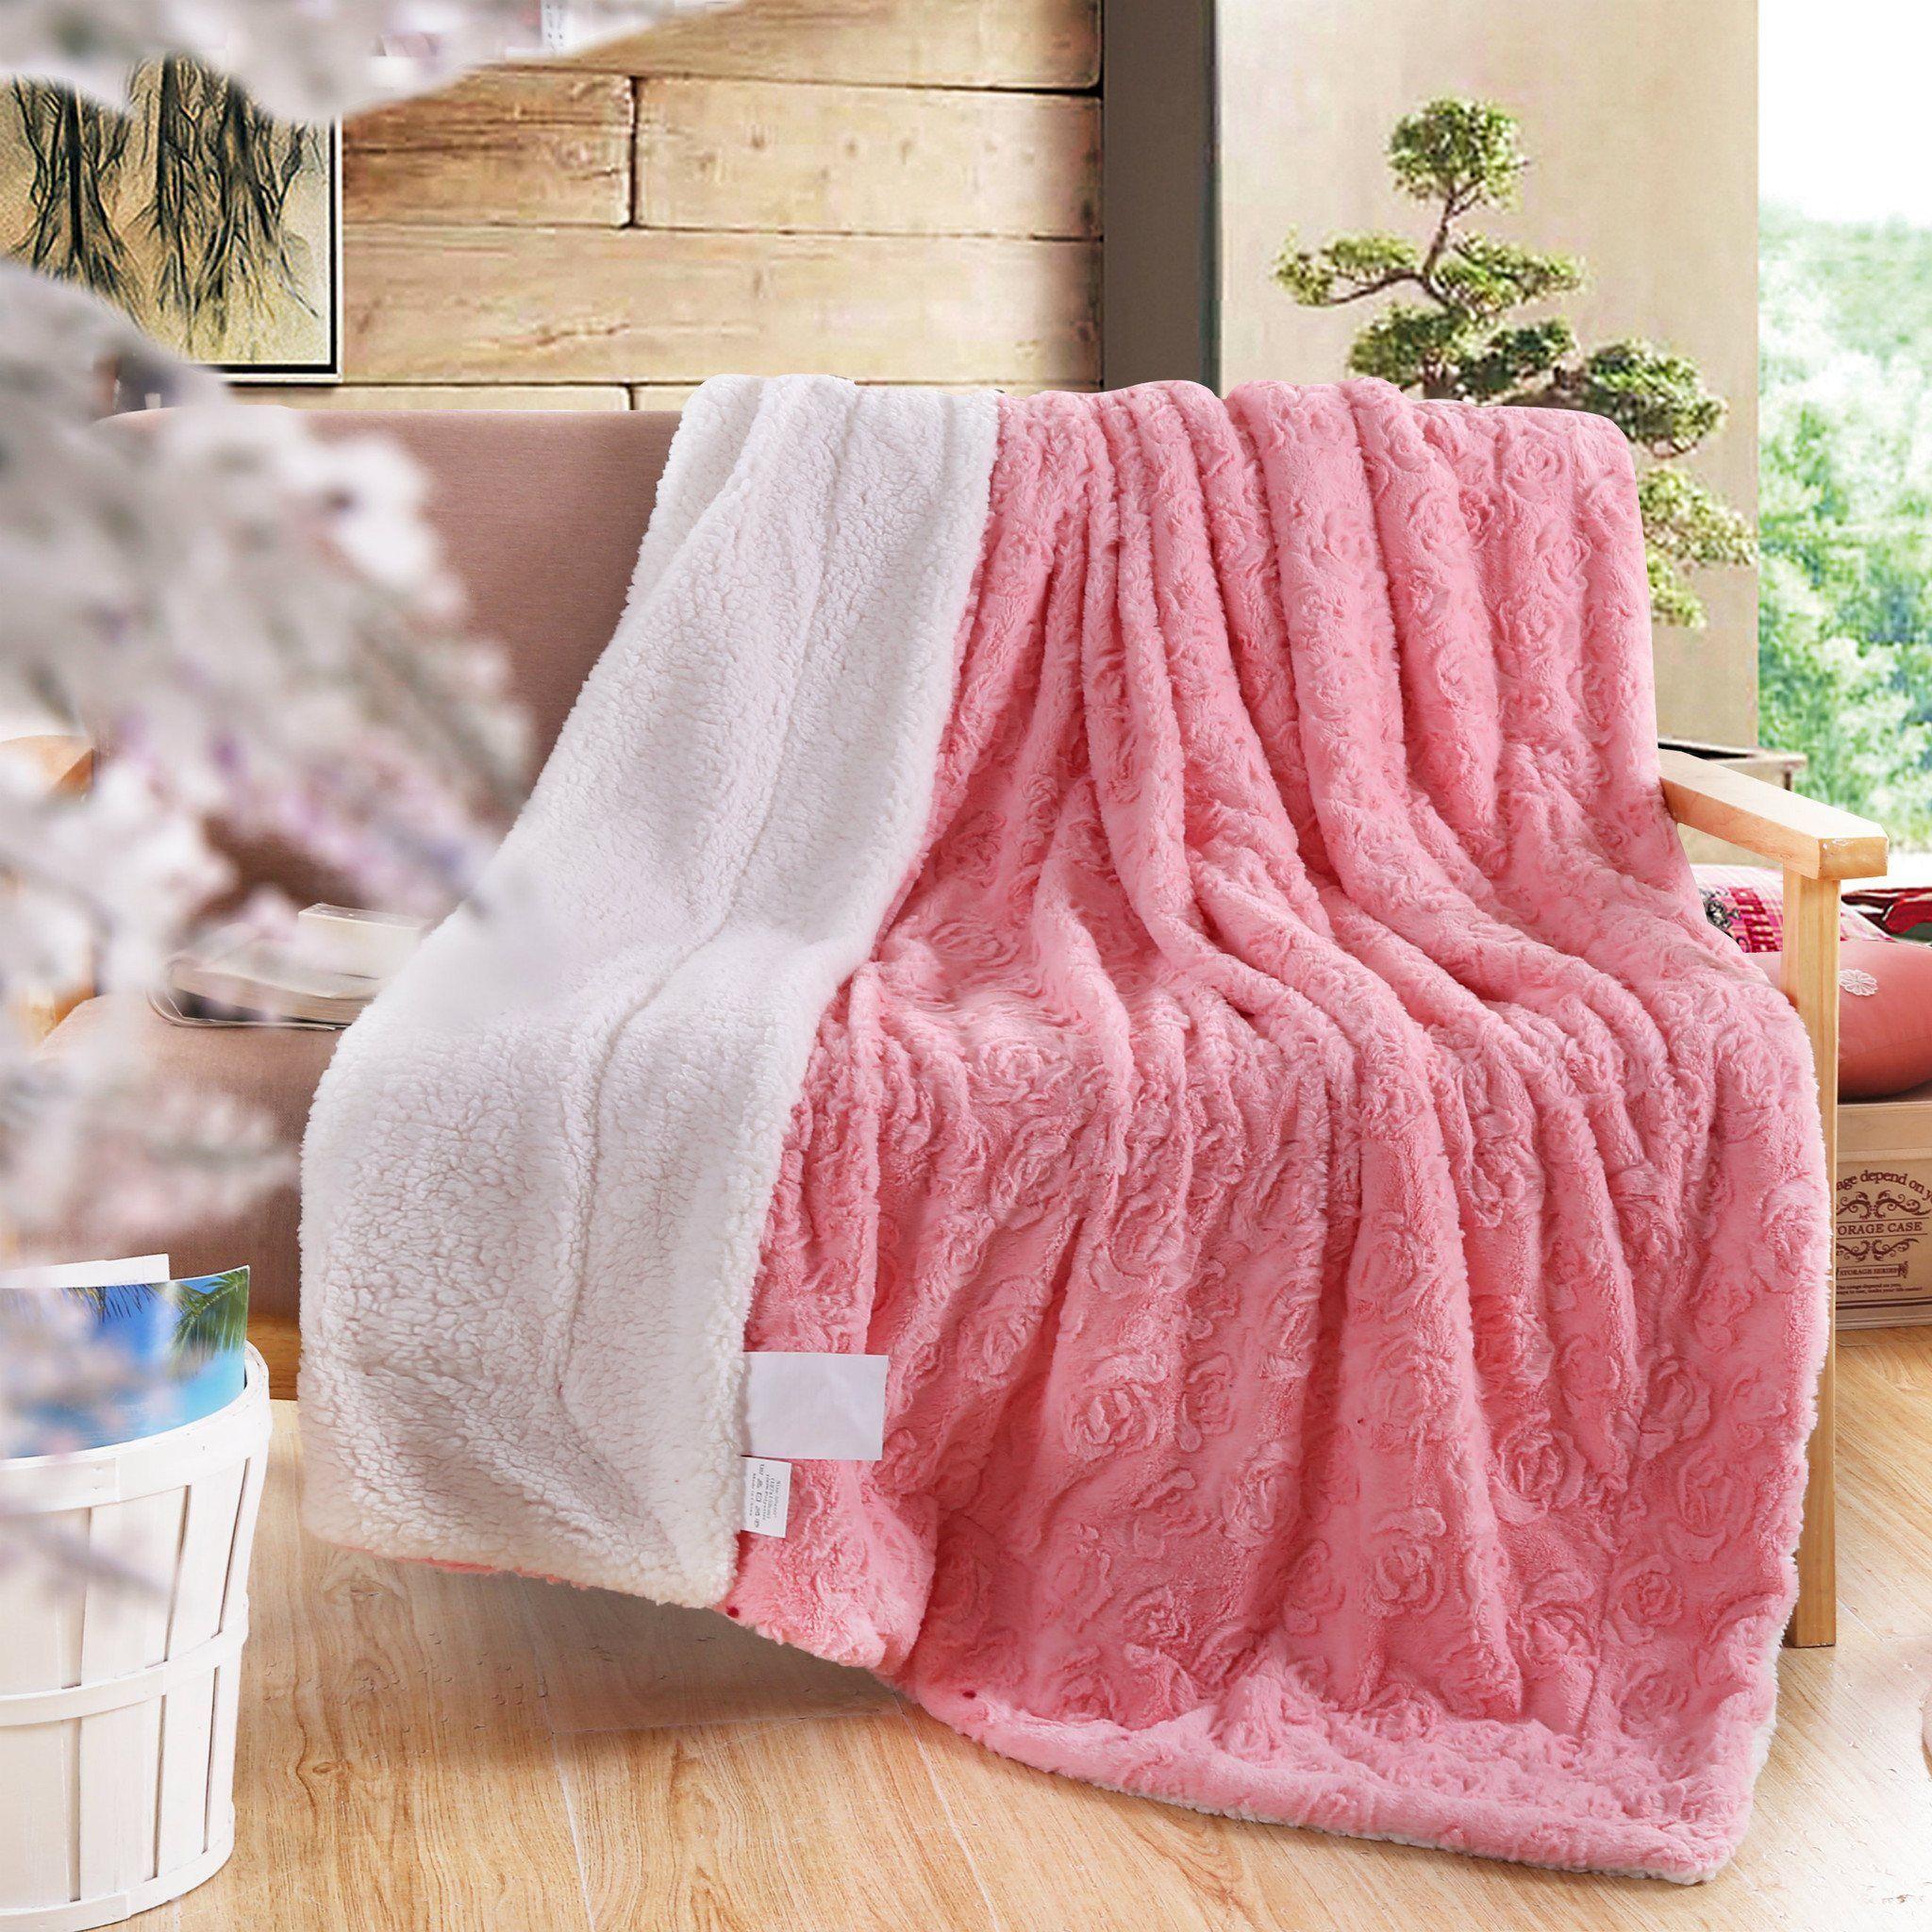 Rosey Star Blanket